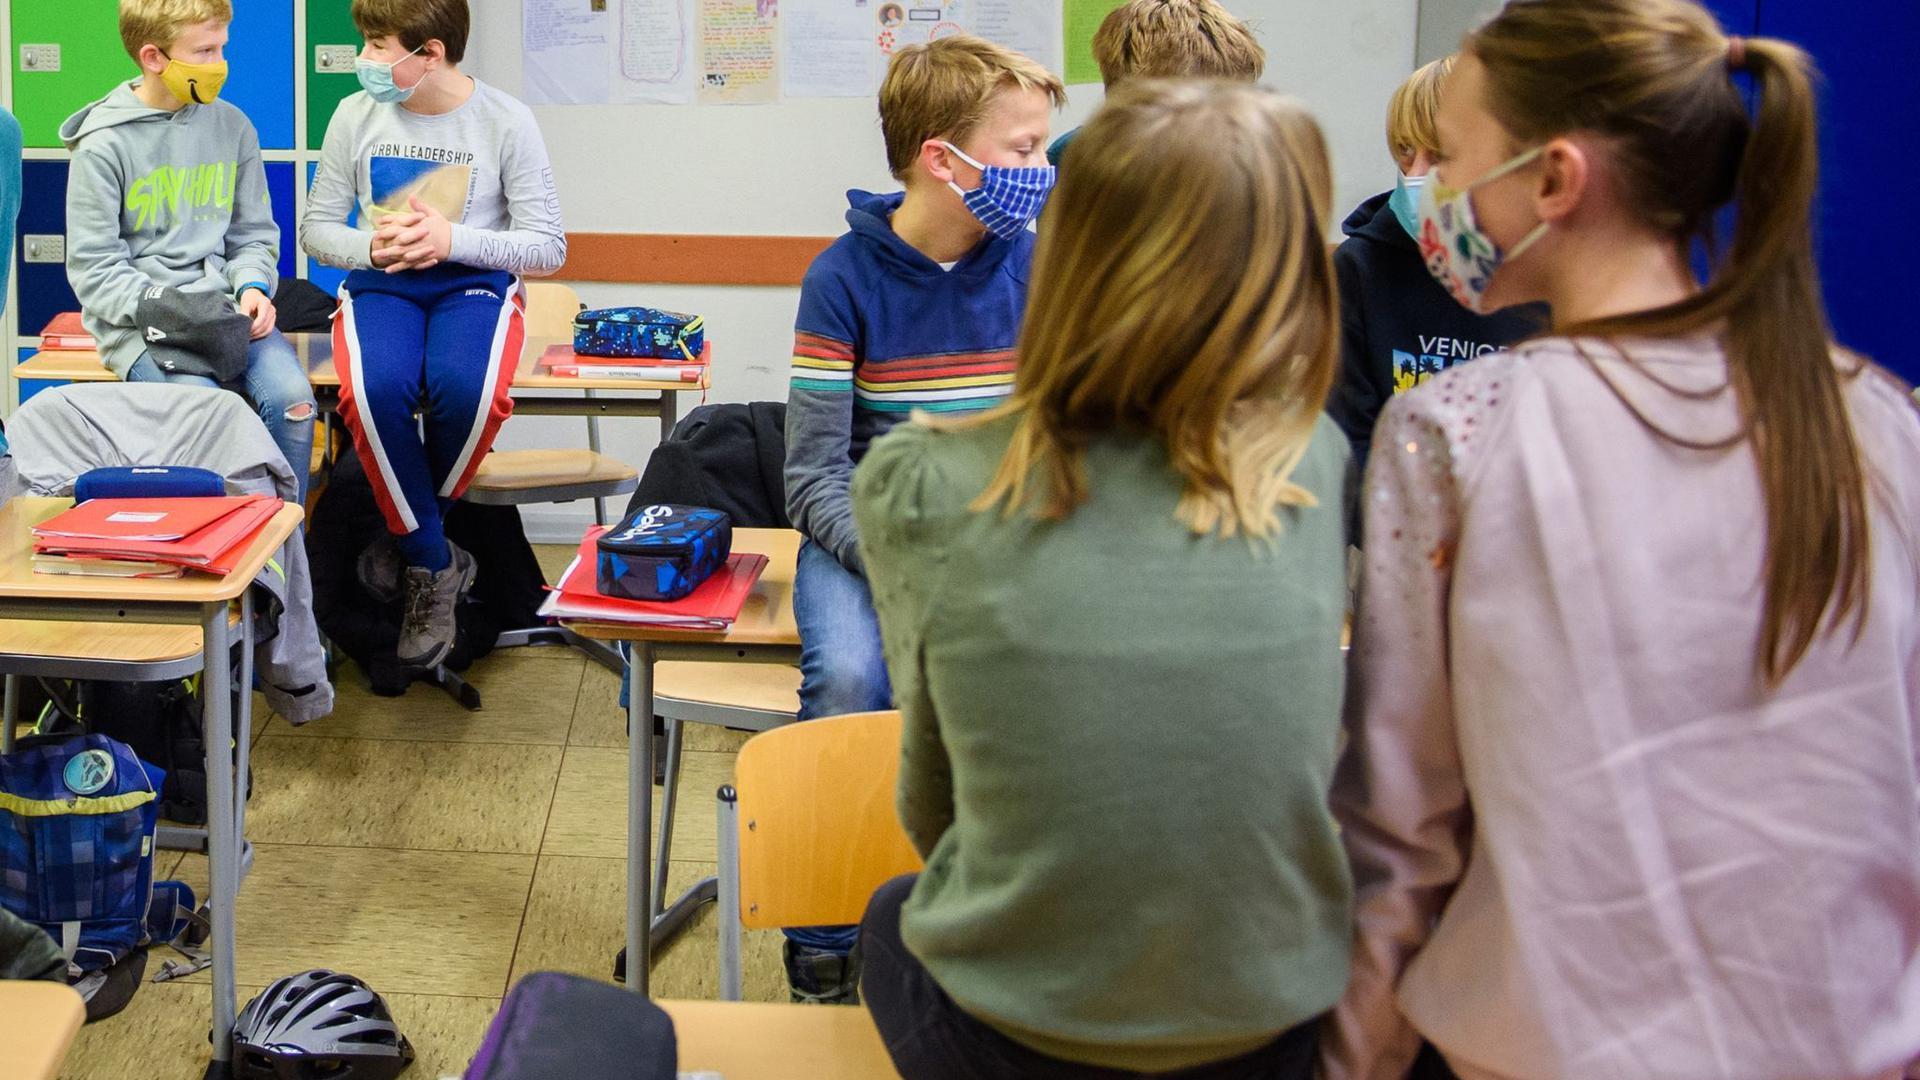 ARCHIV - Schülerinnen und Schüler einer sechsten Klasse einer Schule in Kiel warten in ihrem Klassenzimmer auf den Unterrichtsbeginn. Foto: Gregor Fischer/dpa